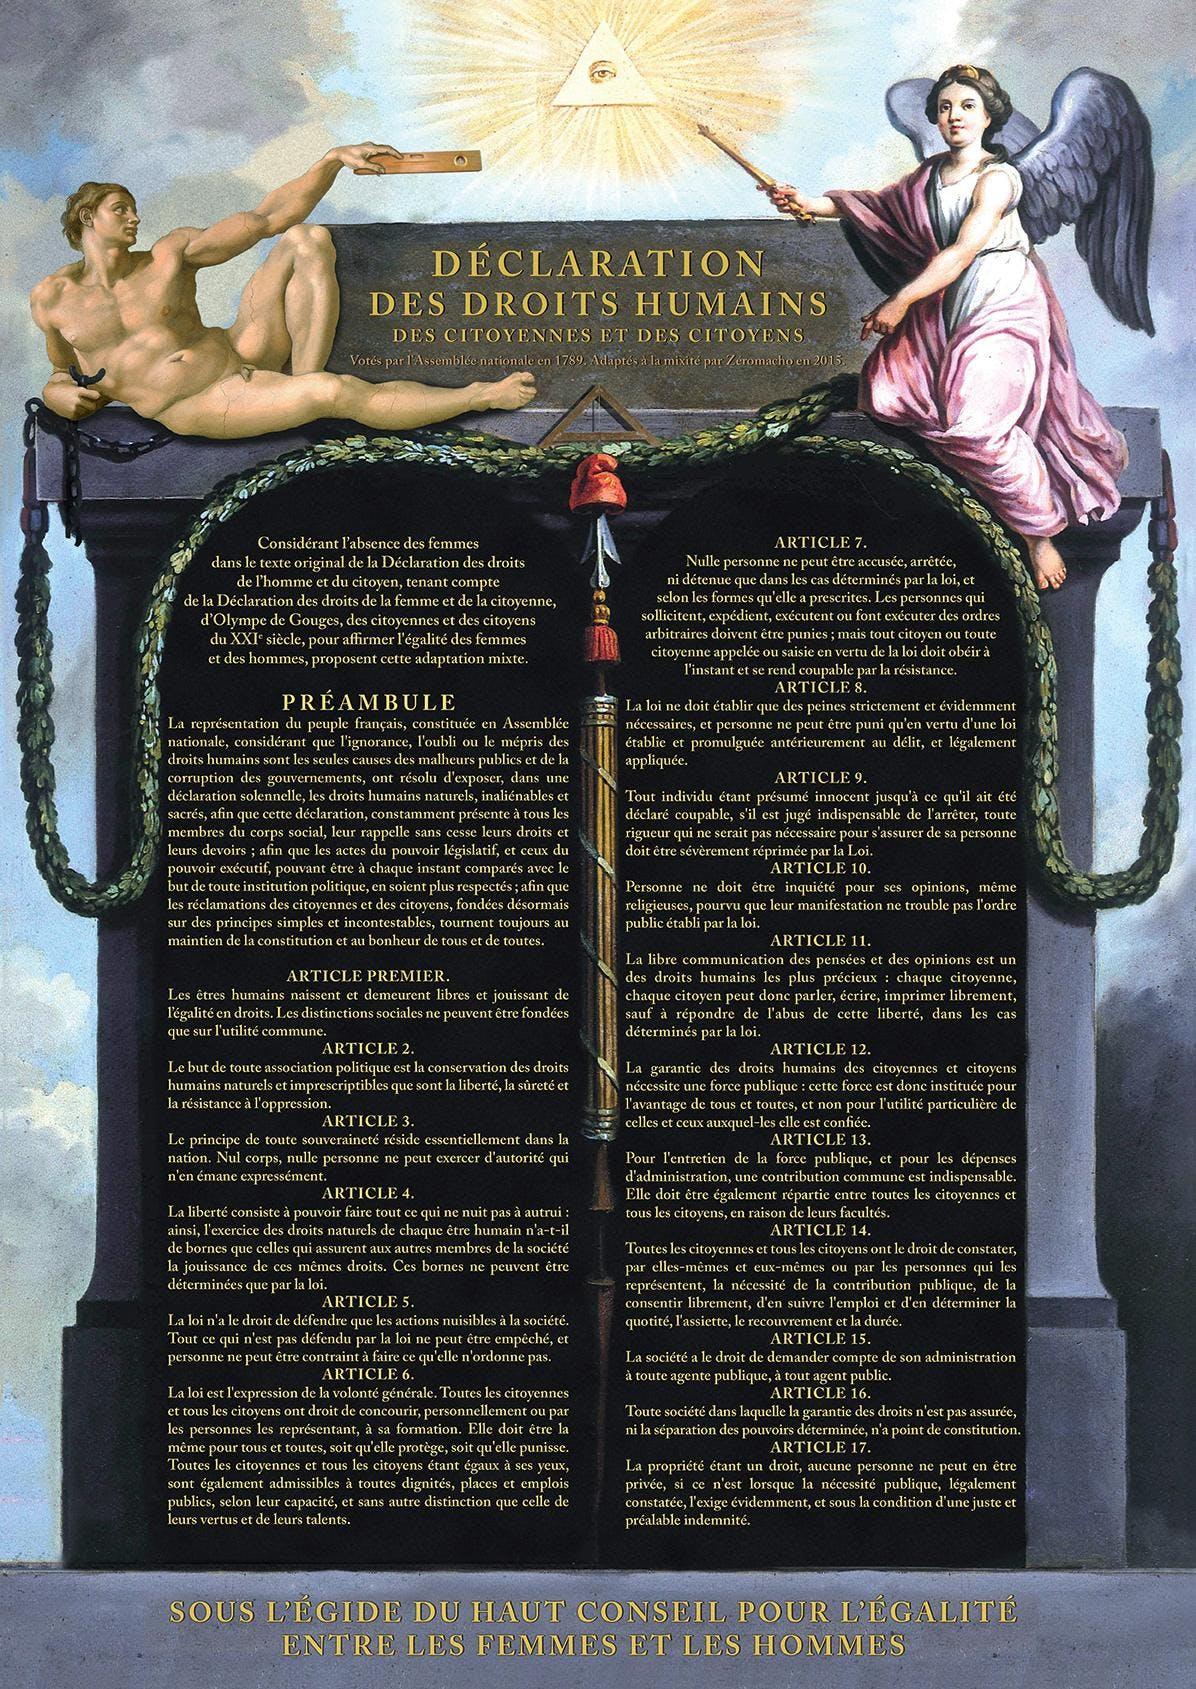 Projections | Découvrez l'histoire des droits